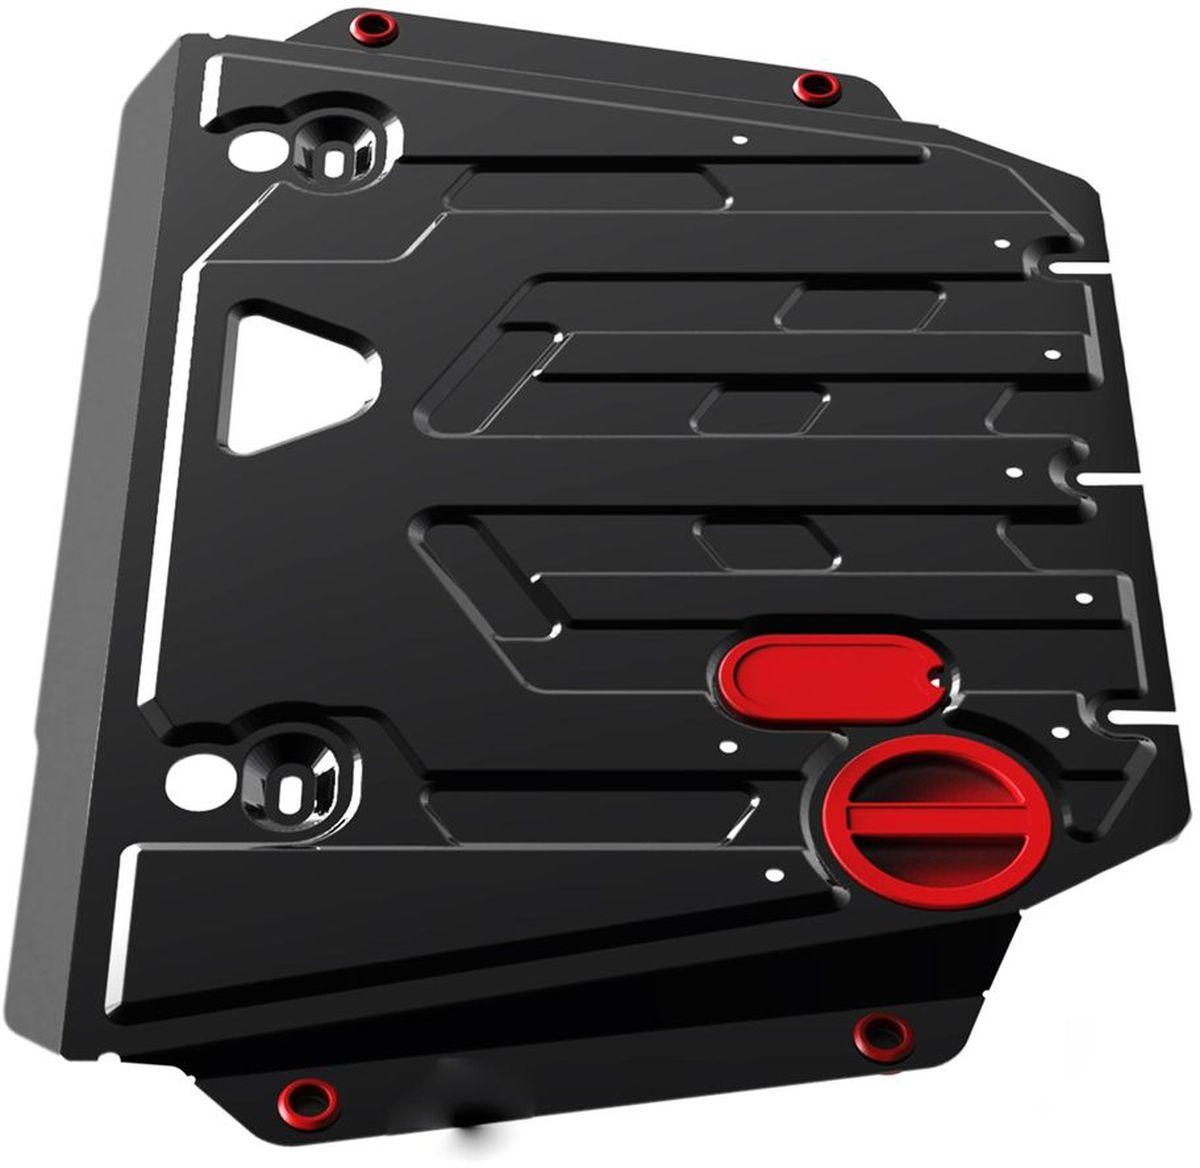 Защита картера и КПП Автоброня, для Honda CR-V, V -2,4i (2012-2015)111.02130.1Технологически совершенный продукт за невысокую стоимость. Защита разработана с учетом особенностей днища автомобиля, что позволяет сохранить дорожный просвет с минимальным изменением. Защита устанавливается в штатные места кузова автомобиля. Глубокий штамп обеспечивает до двух раз больше жесткости в сравнении с обычной защитой той же толщины. Проштампованные ребра жесткости препятствуют деформации защиты при ударах. Тепловой зазор и вентиляционные отверстия обеспечивают сохранение температурного режима двигателя в норме. Скрытый крепеж предотвращает срыв крепежных элементов при наезде на препятствие. Шумопоглощающие резиновые элементы обеспечивают комфортную езду без вибраций и скрежета металла, а съемные лючки для слива масла и замены фильтра - экономию средств и время. Конструкция изделия не влияет на пассивную безопасность автомобиля (при ударе защита не воздействует на деформационные зоны кузова). Со штатным крепежом. В комплекте инструкция по установке....